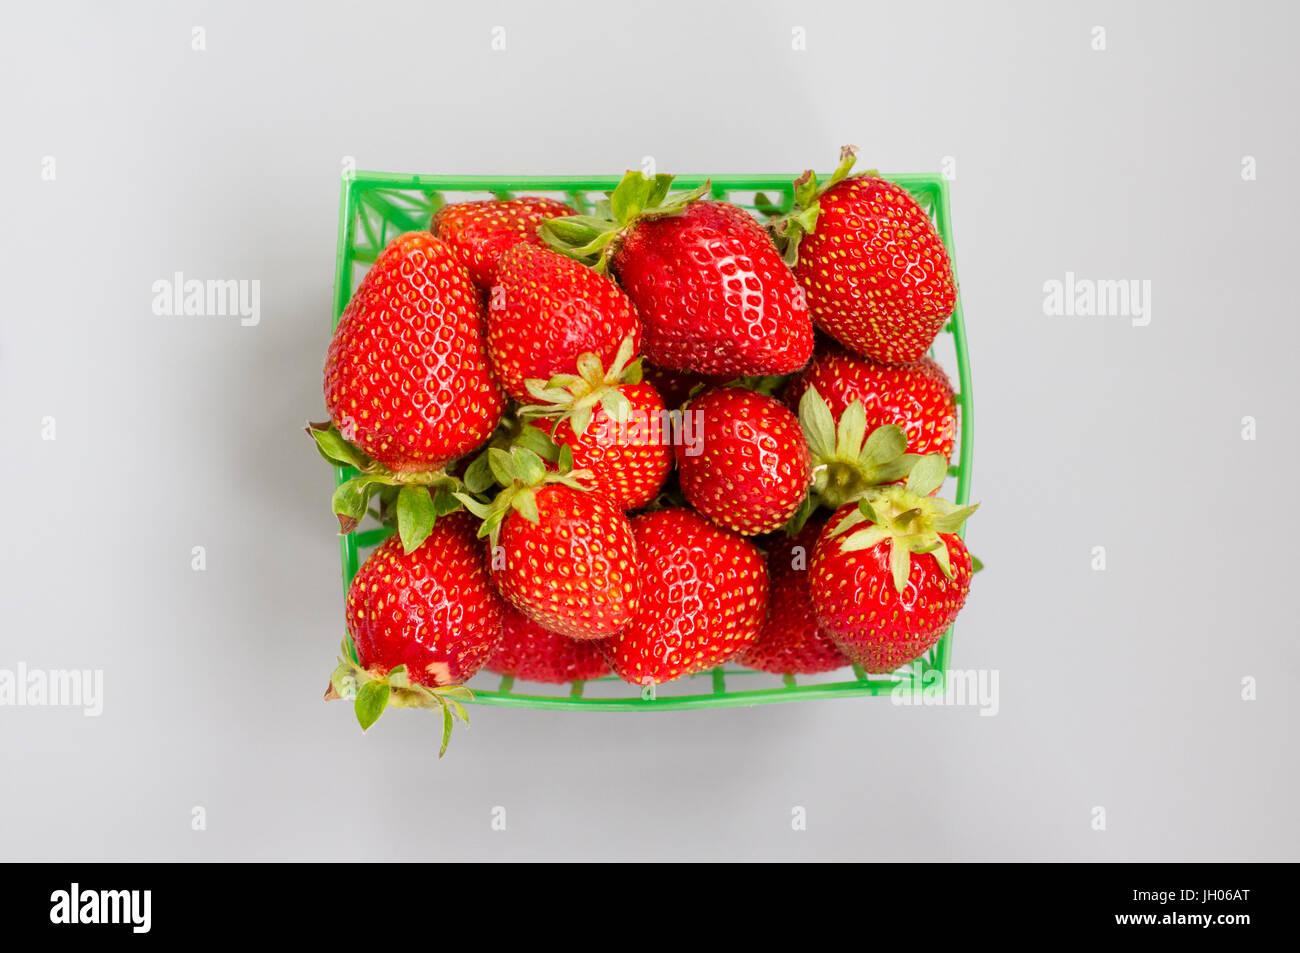 Frische Erdbeeren in einen Kunststoff grün Körbchen auf einem grauen Hintergrund Stockbild